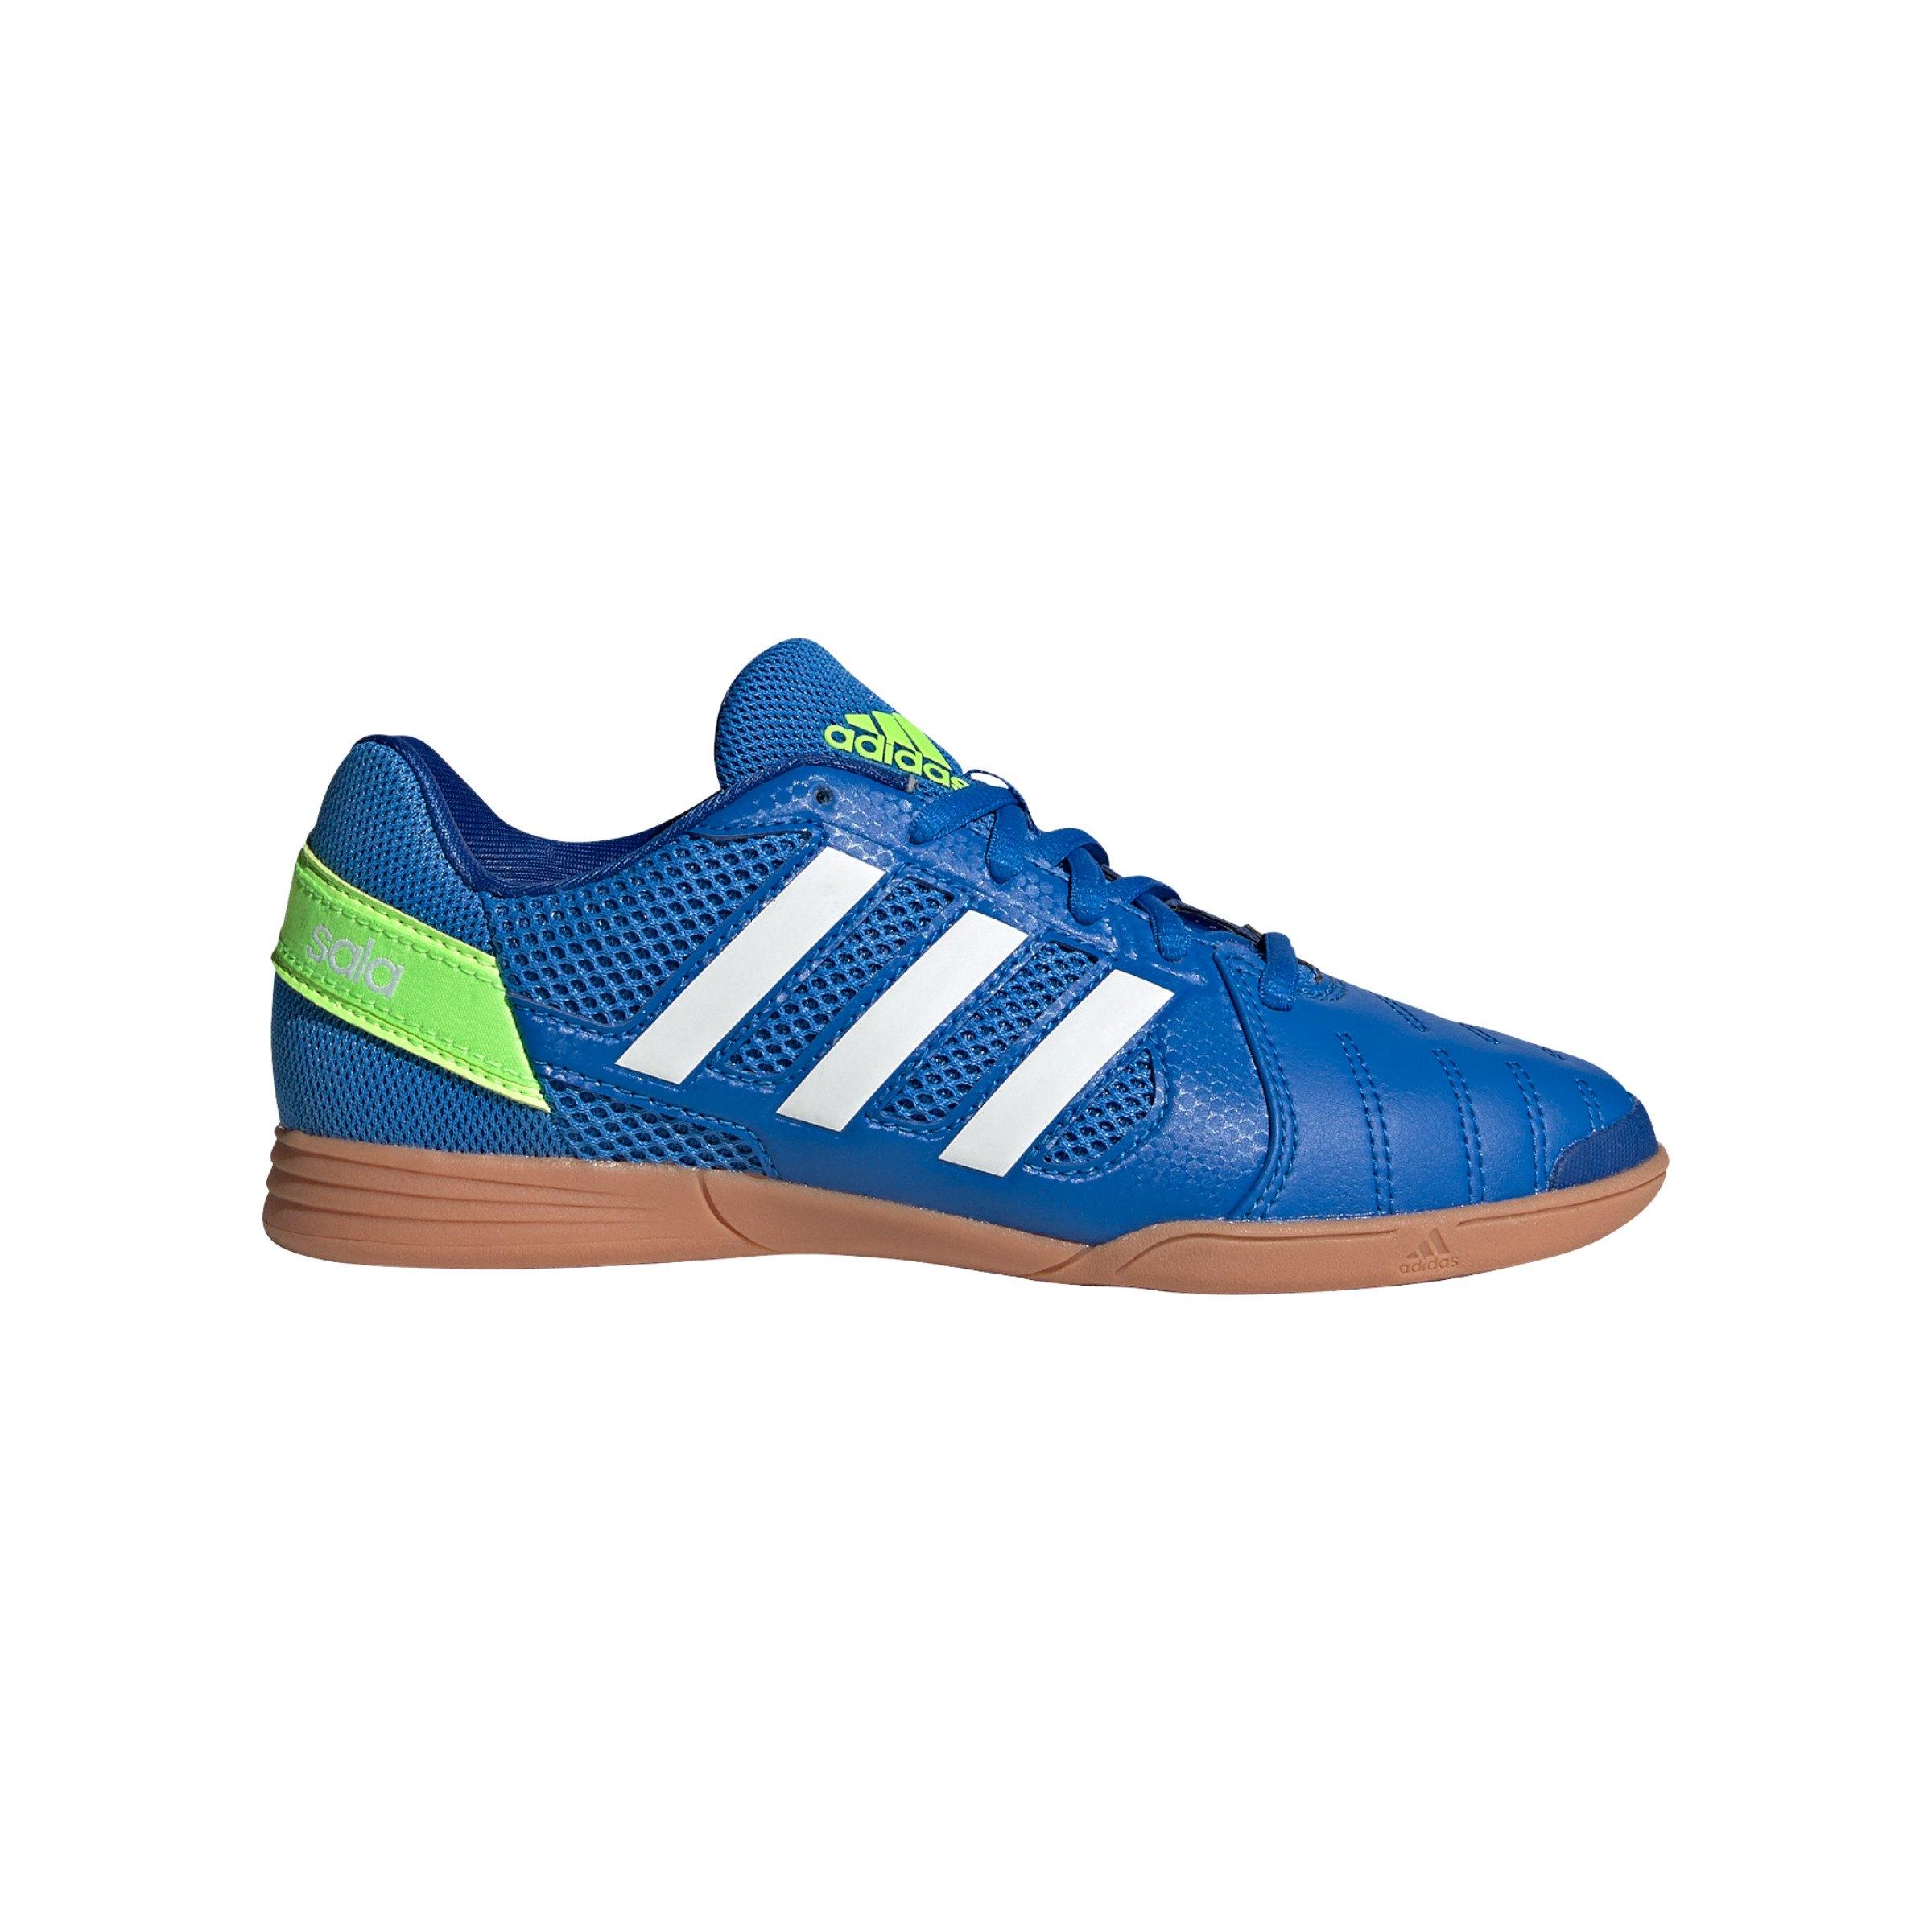 adidas Freefootball Supersala Halle J Kids Blau - blau